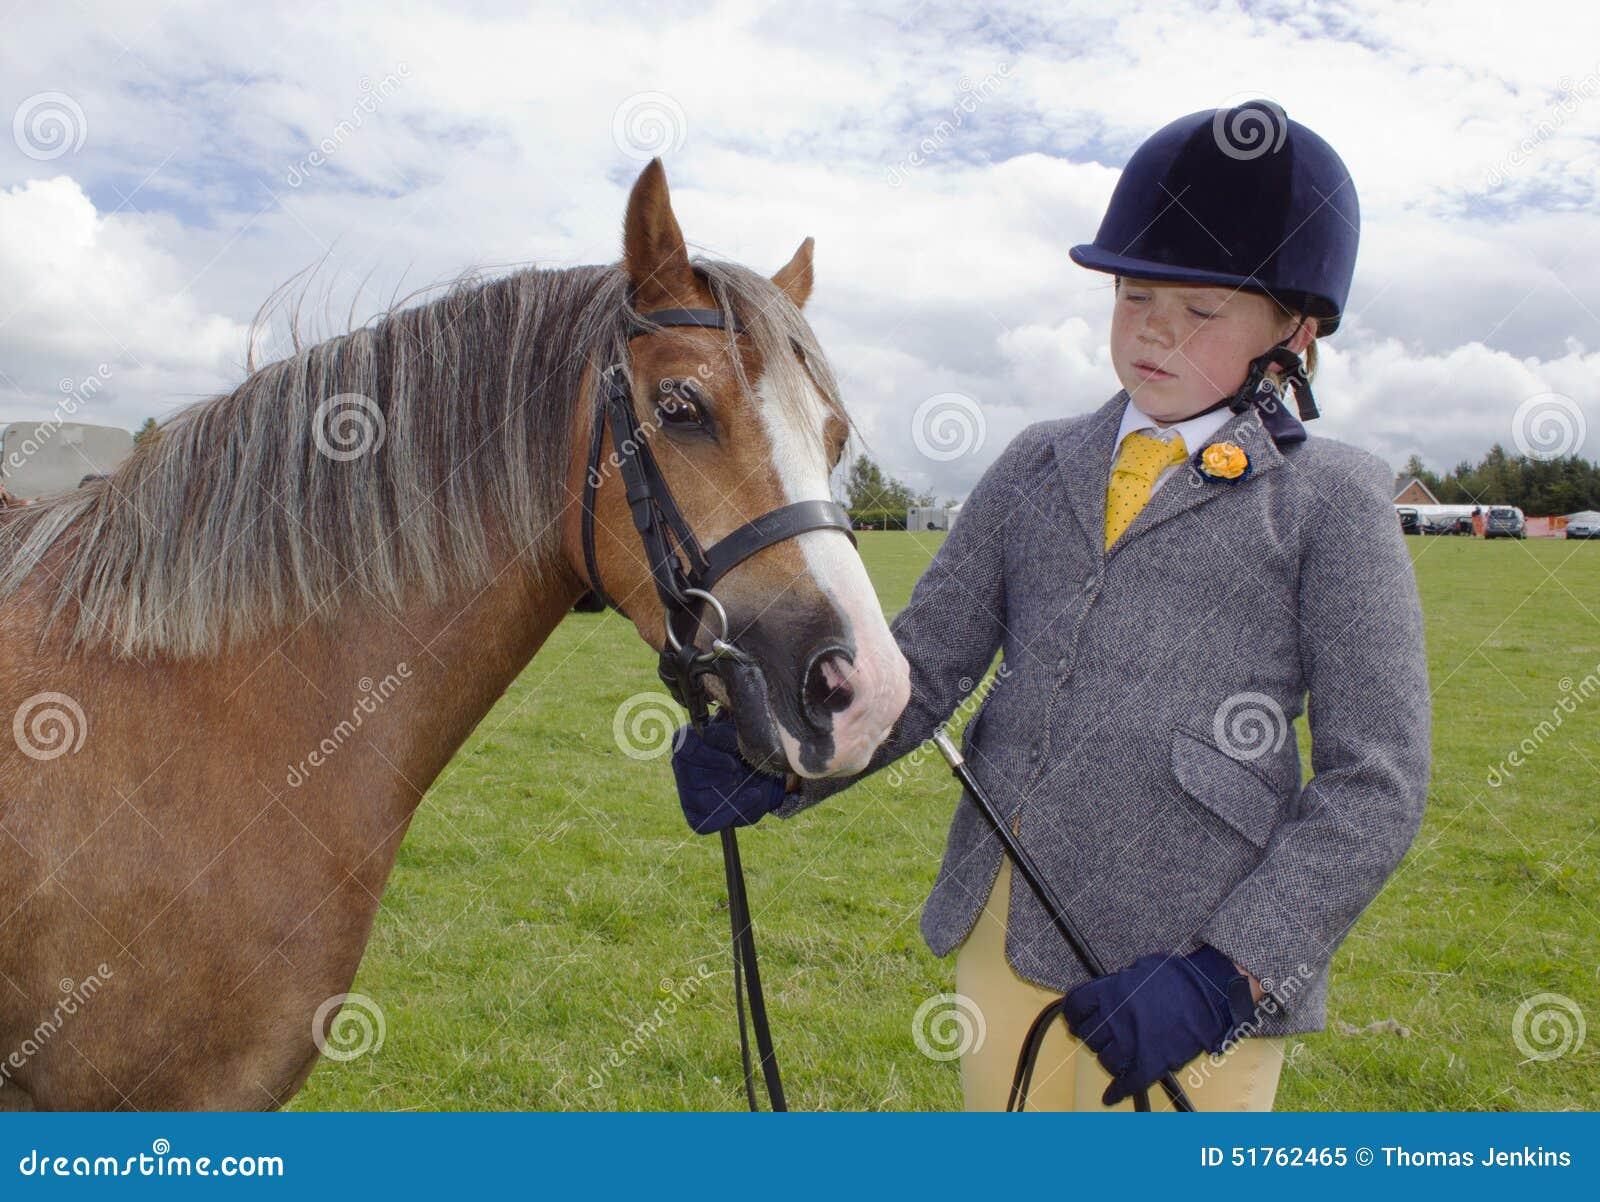 Ουαλλέζικο κορίτσι στη δοκιμή εκπαίδευσης αλόγου σε περιστροφές στο σκληρό καπέλο με το πόνι